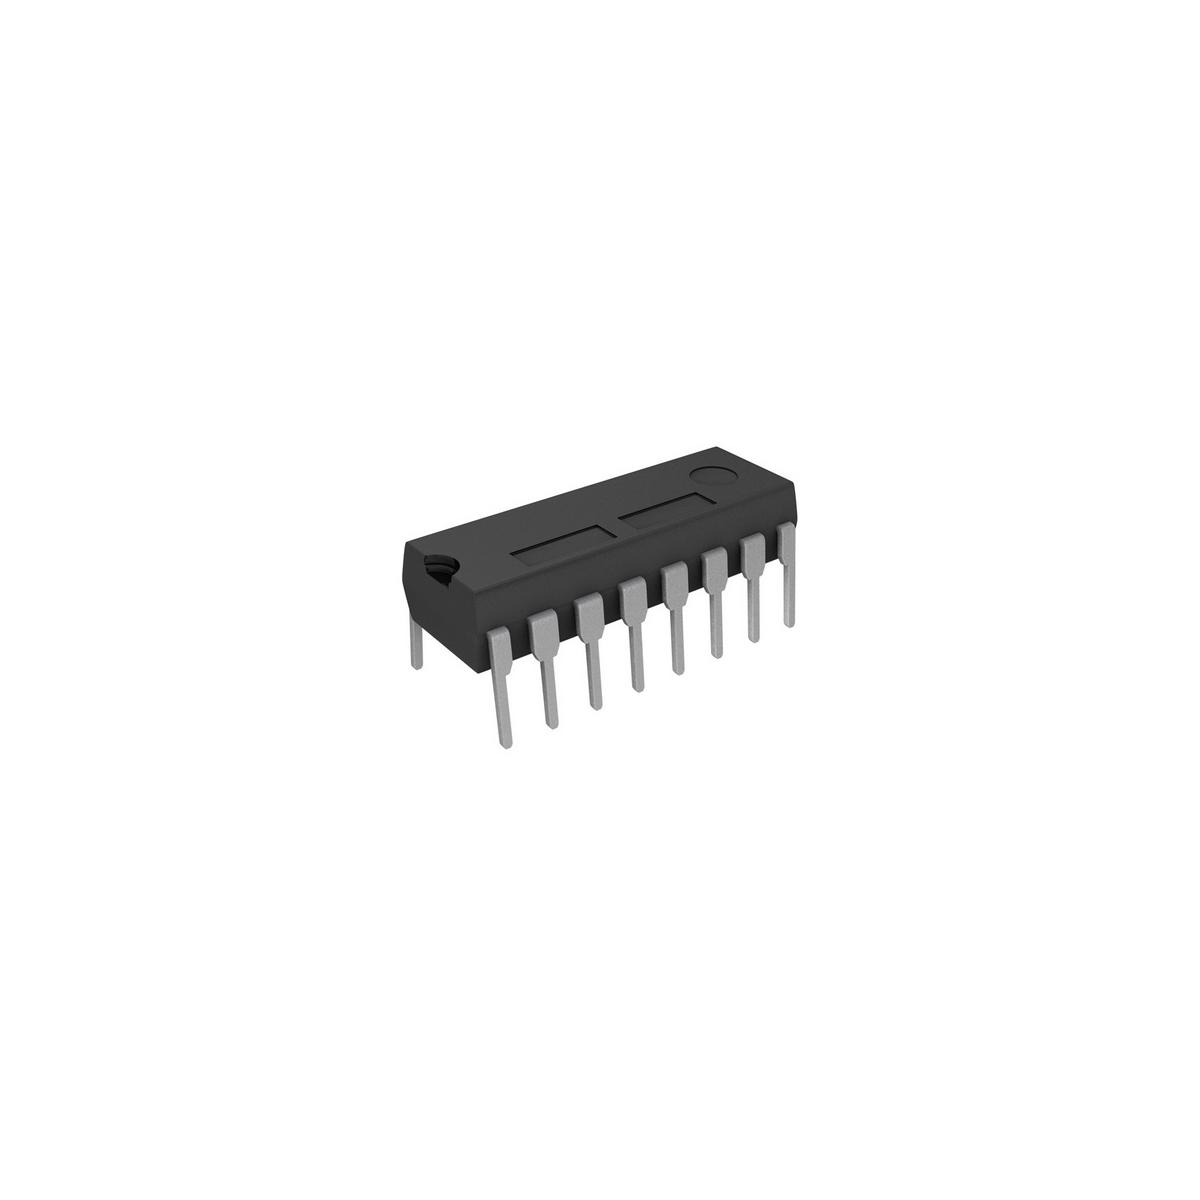 CD 4518   (DIP-16)